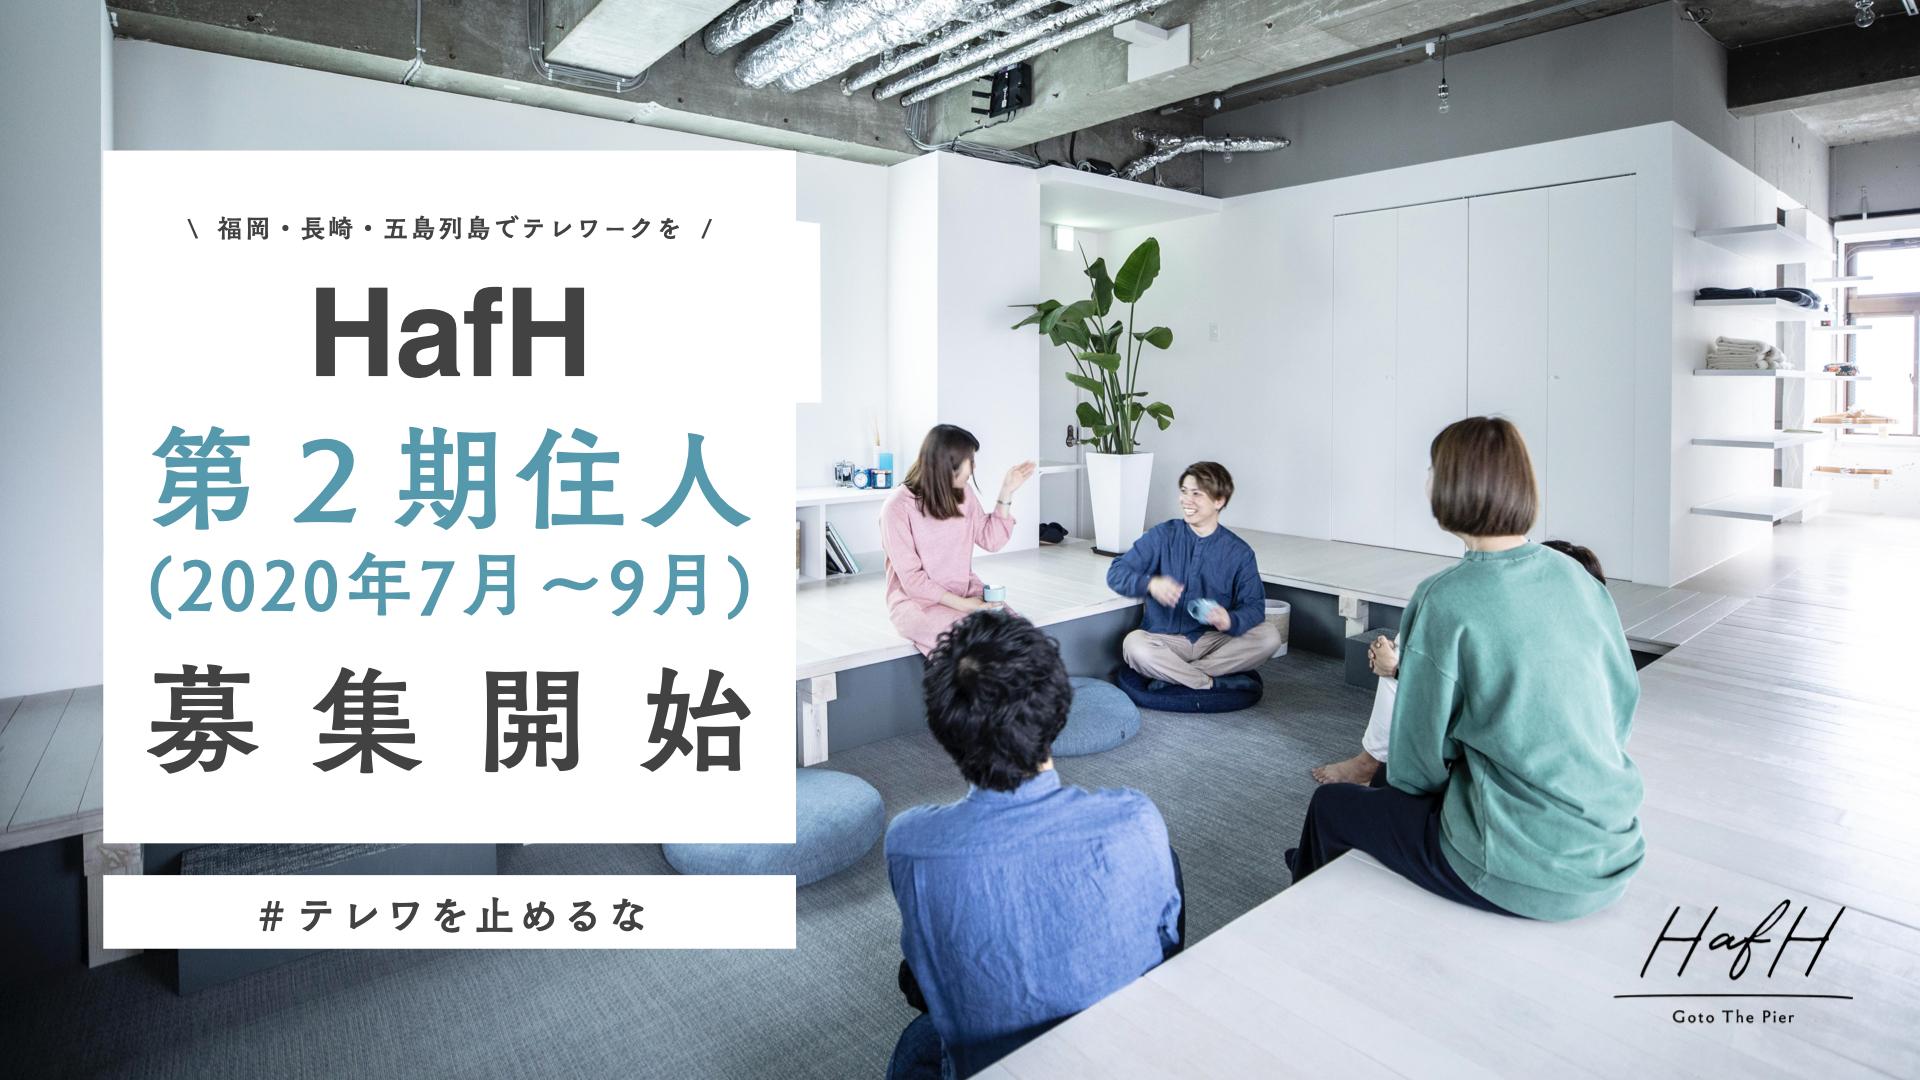 【HafH 第2期住人募集開始】この夏九州の自然と共に「場所にとらわれず働く暮らし」を体験しよう!